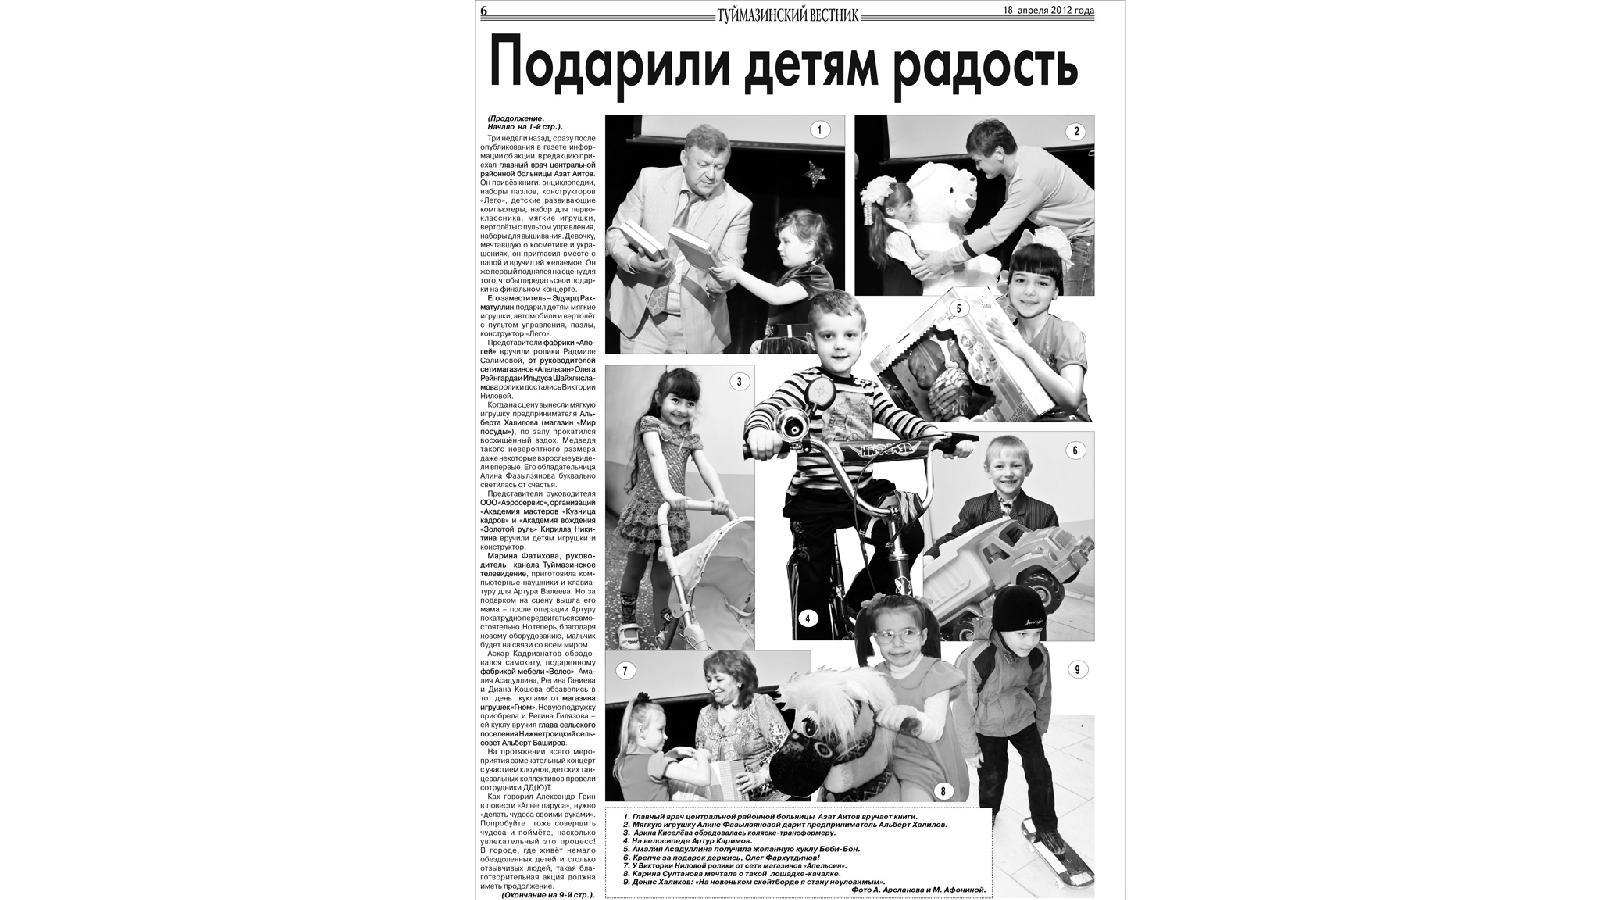 Сегодня «Туймазинский вестник» регулярно проводит благотворительные акции. Одной изпервых стала акция «Подари детям радость», которую газета провела семь лет назад